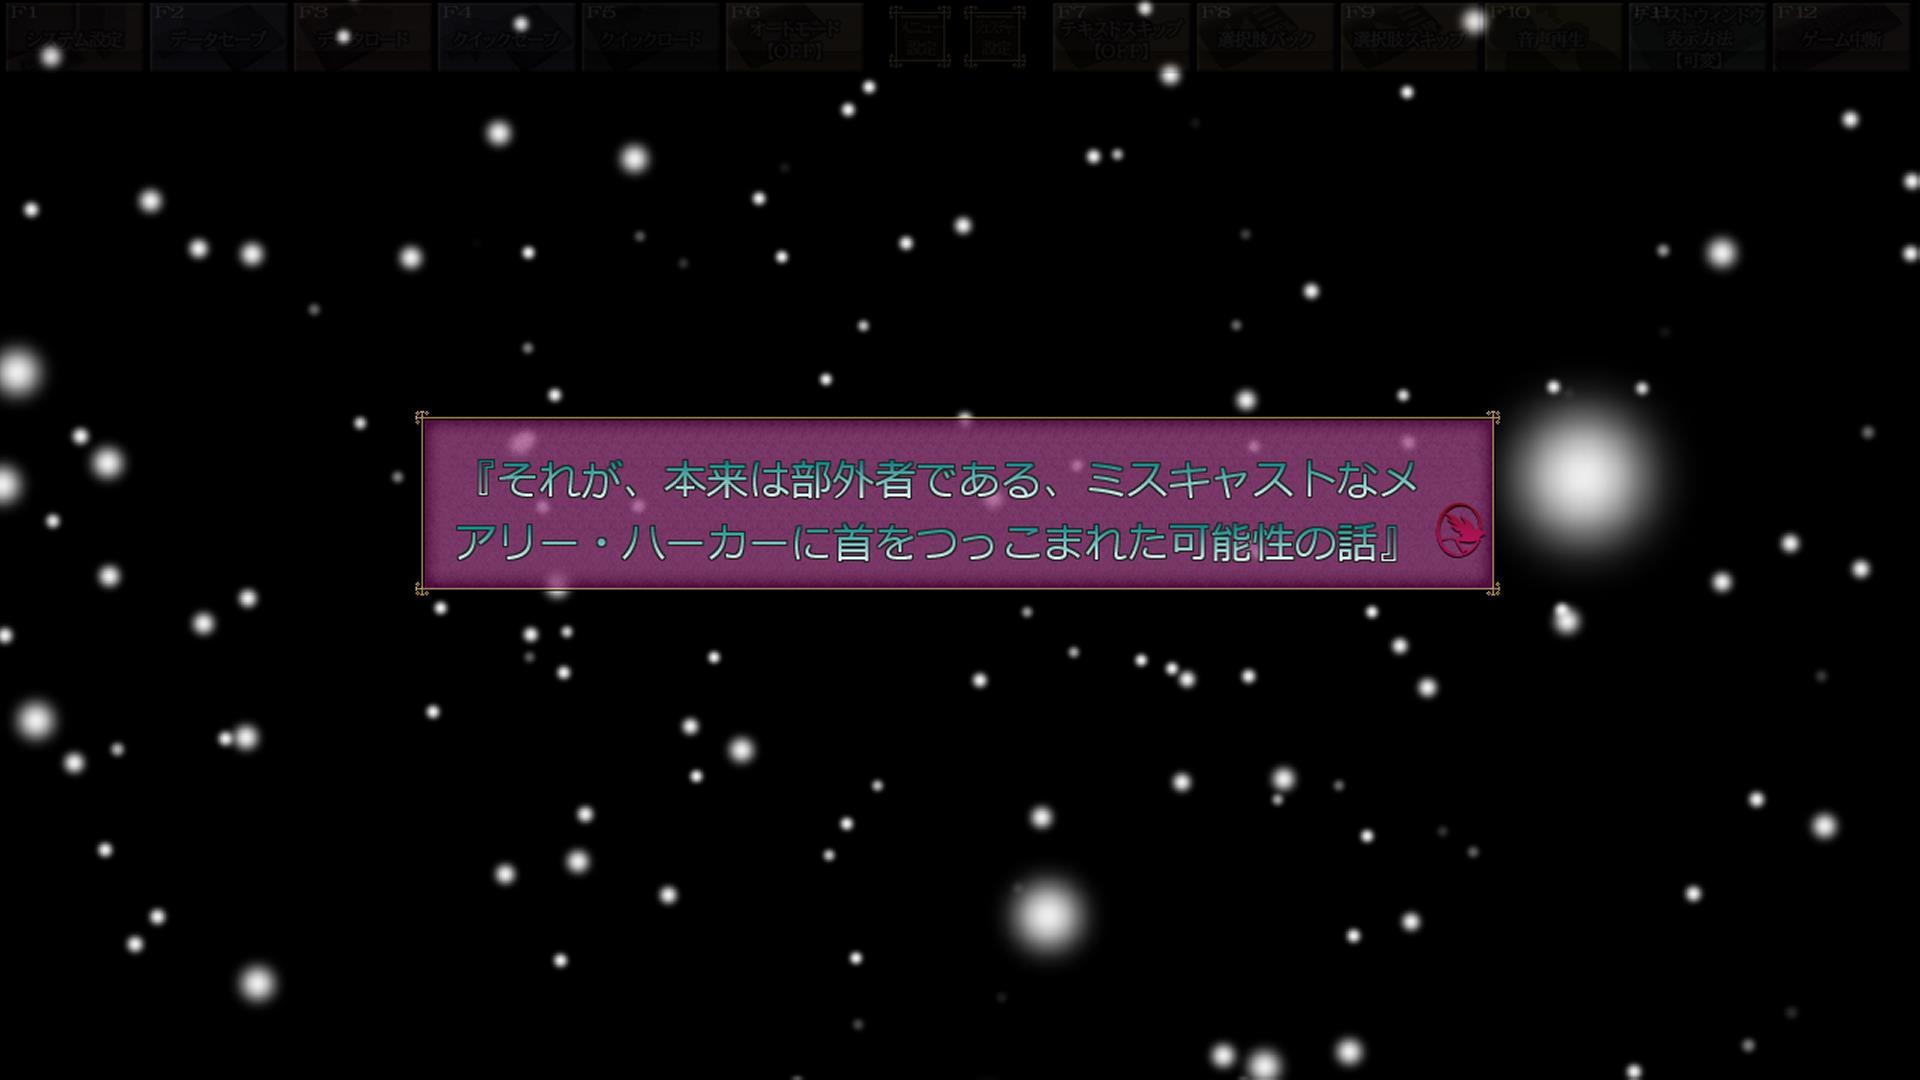 screeenshot-20200727214410258.jpg